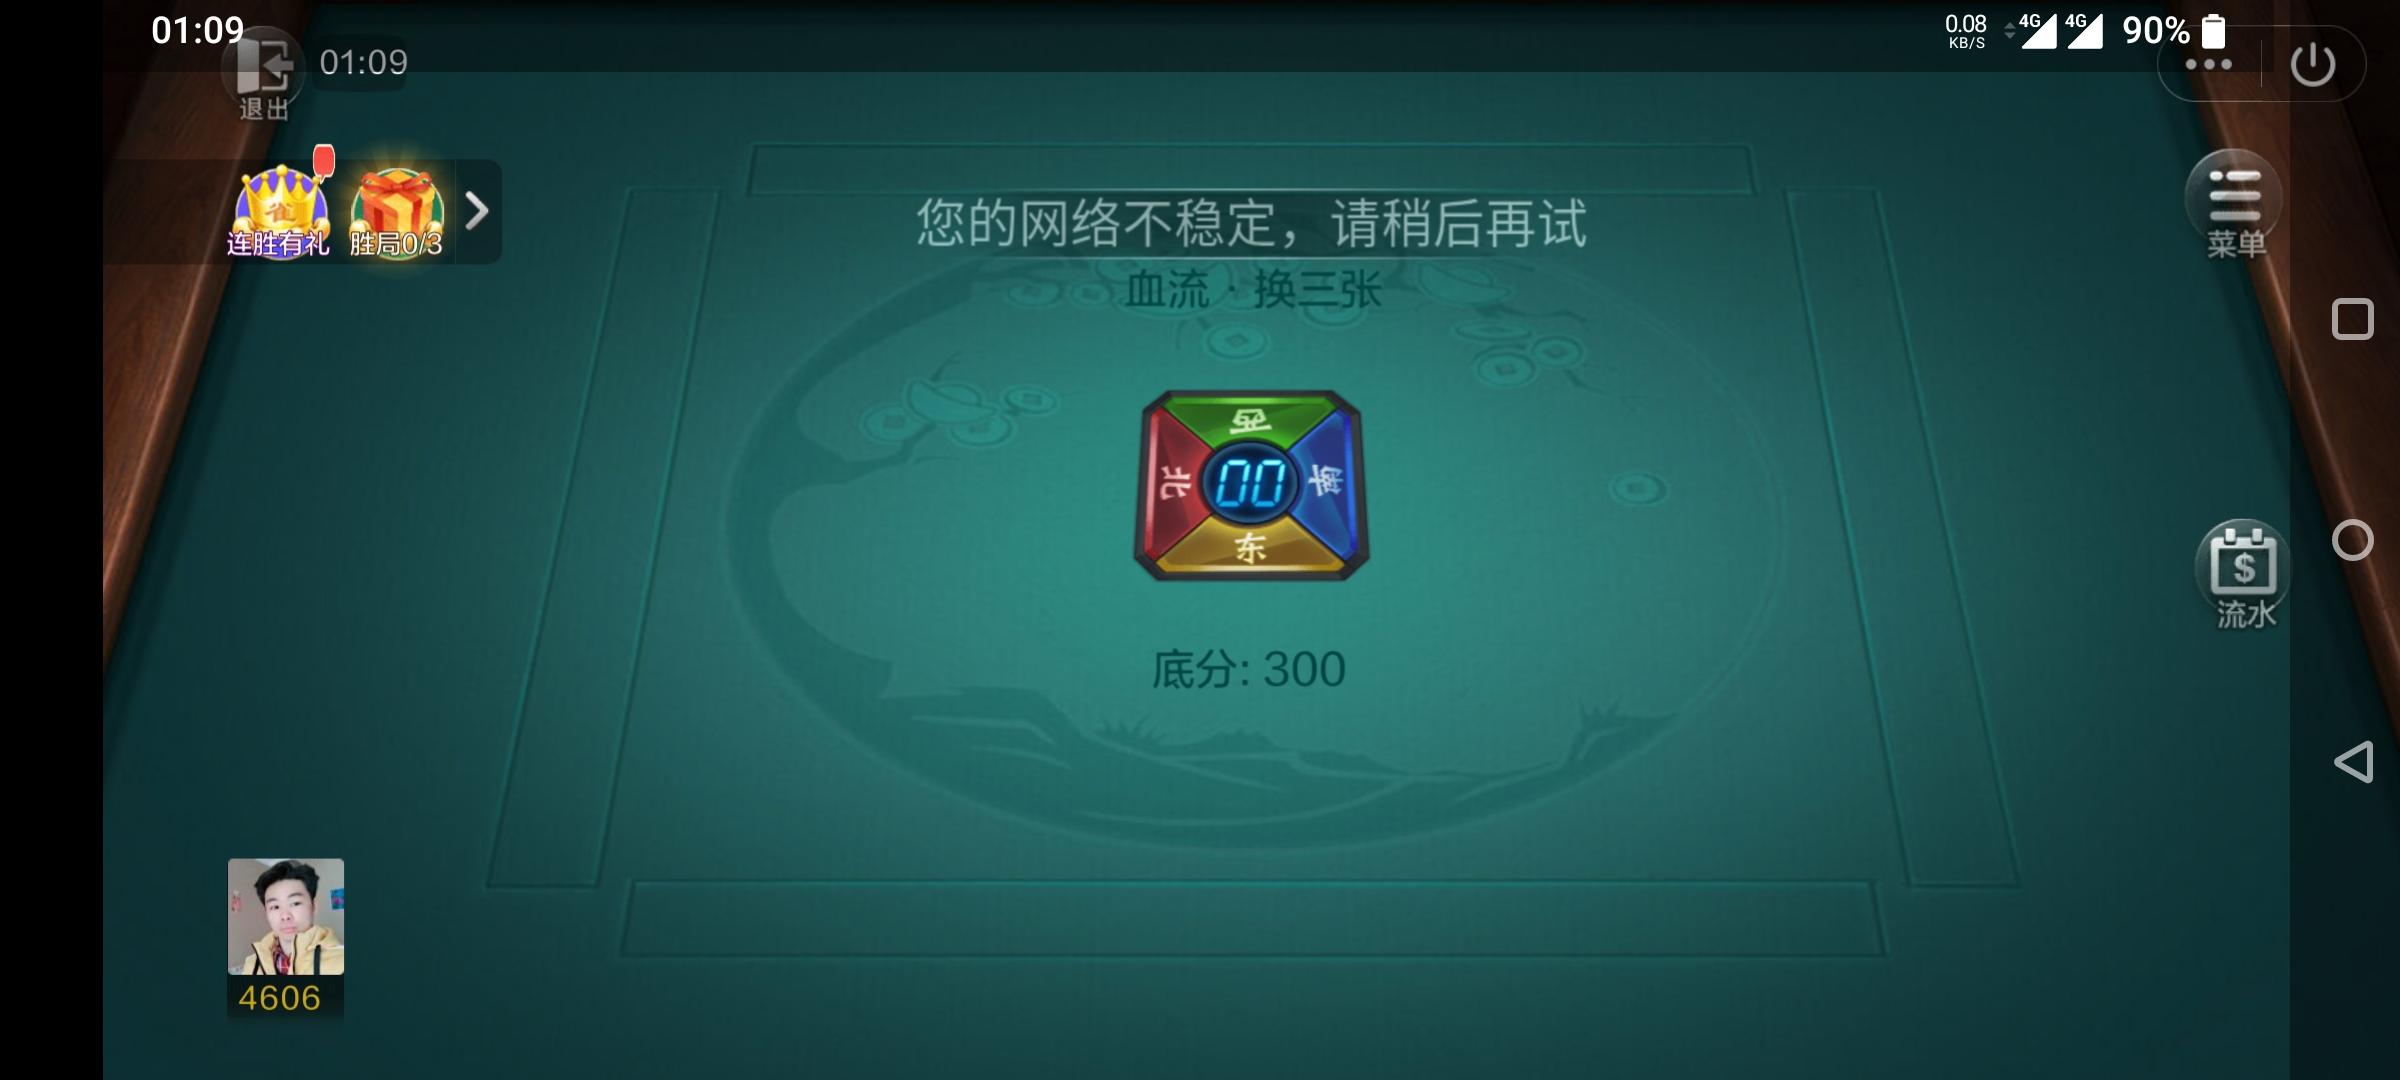 1610711653988.jpg